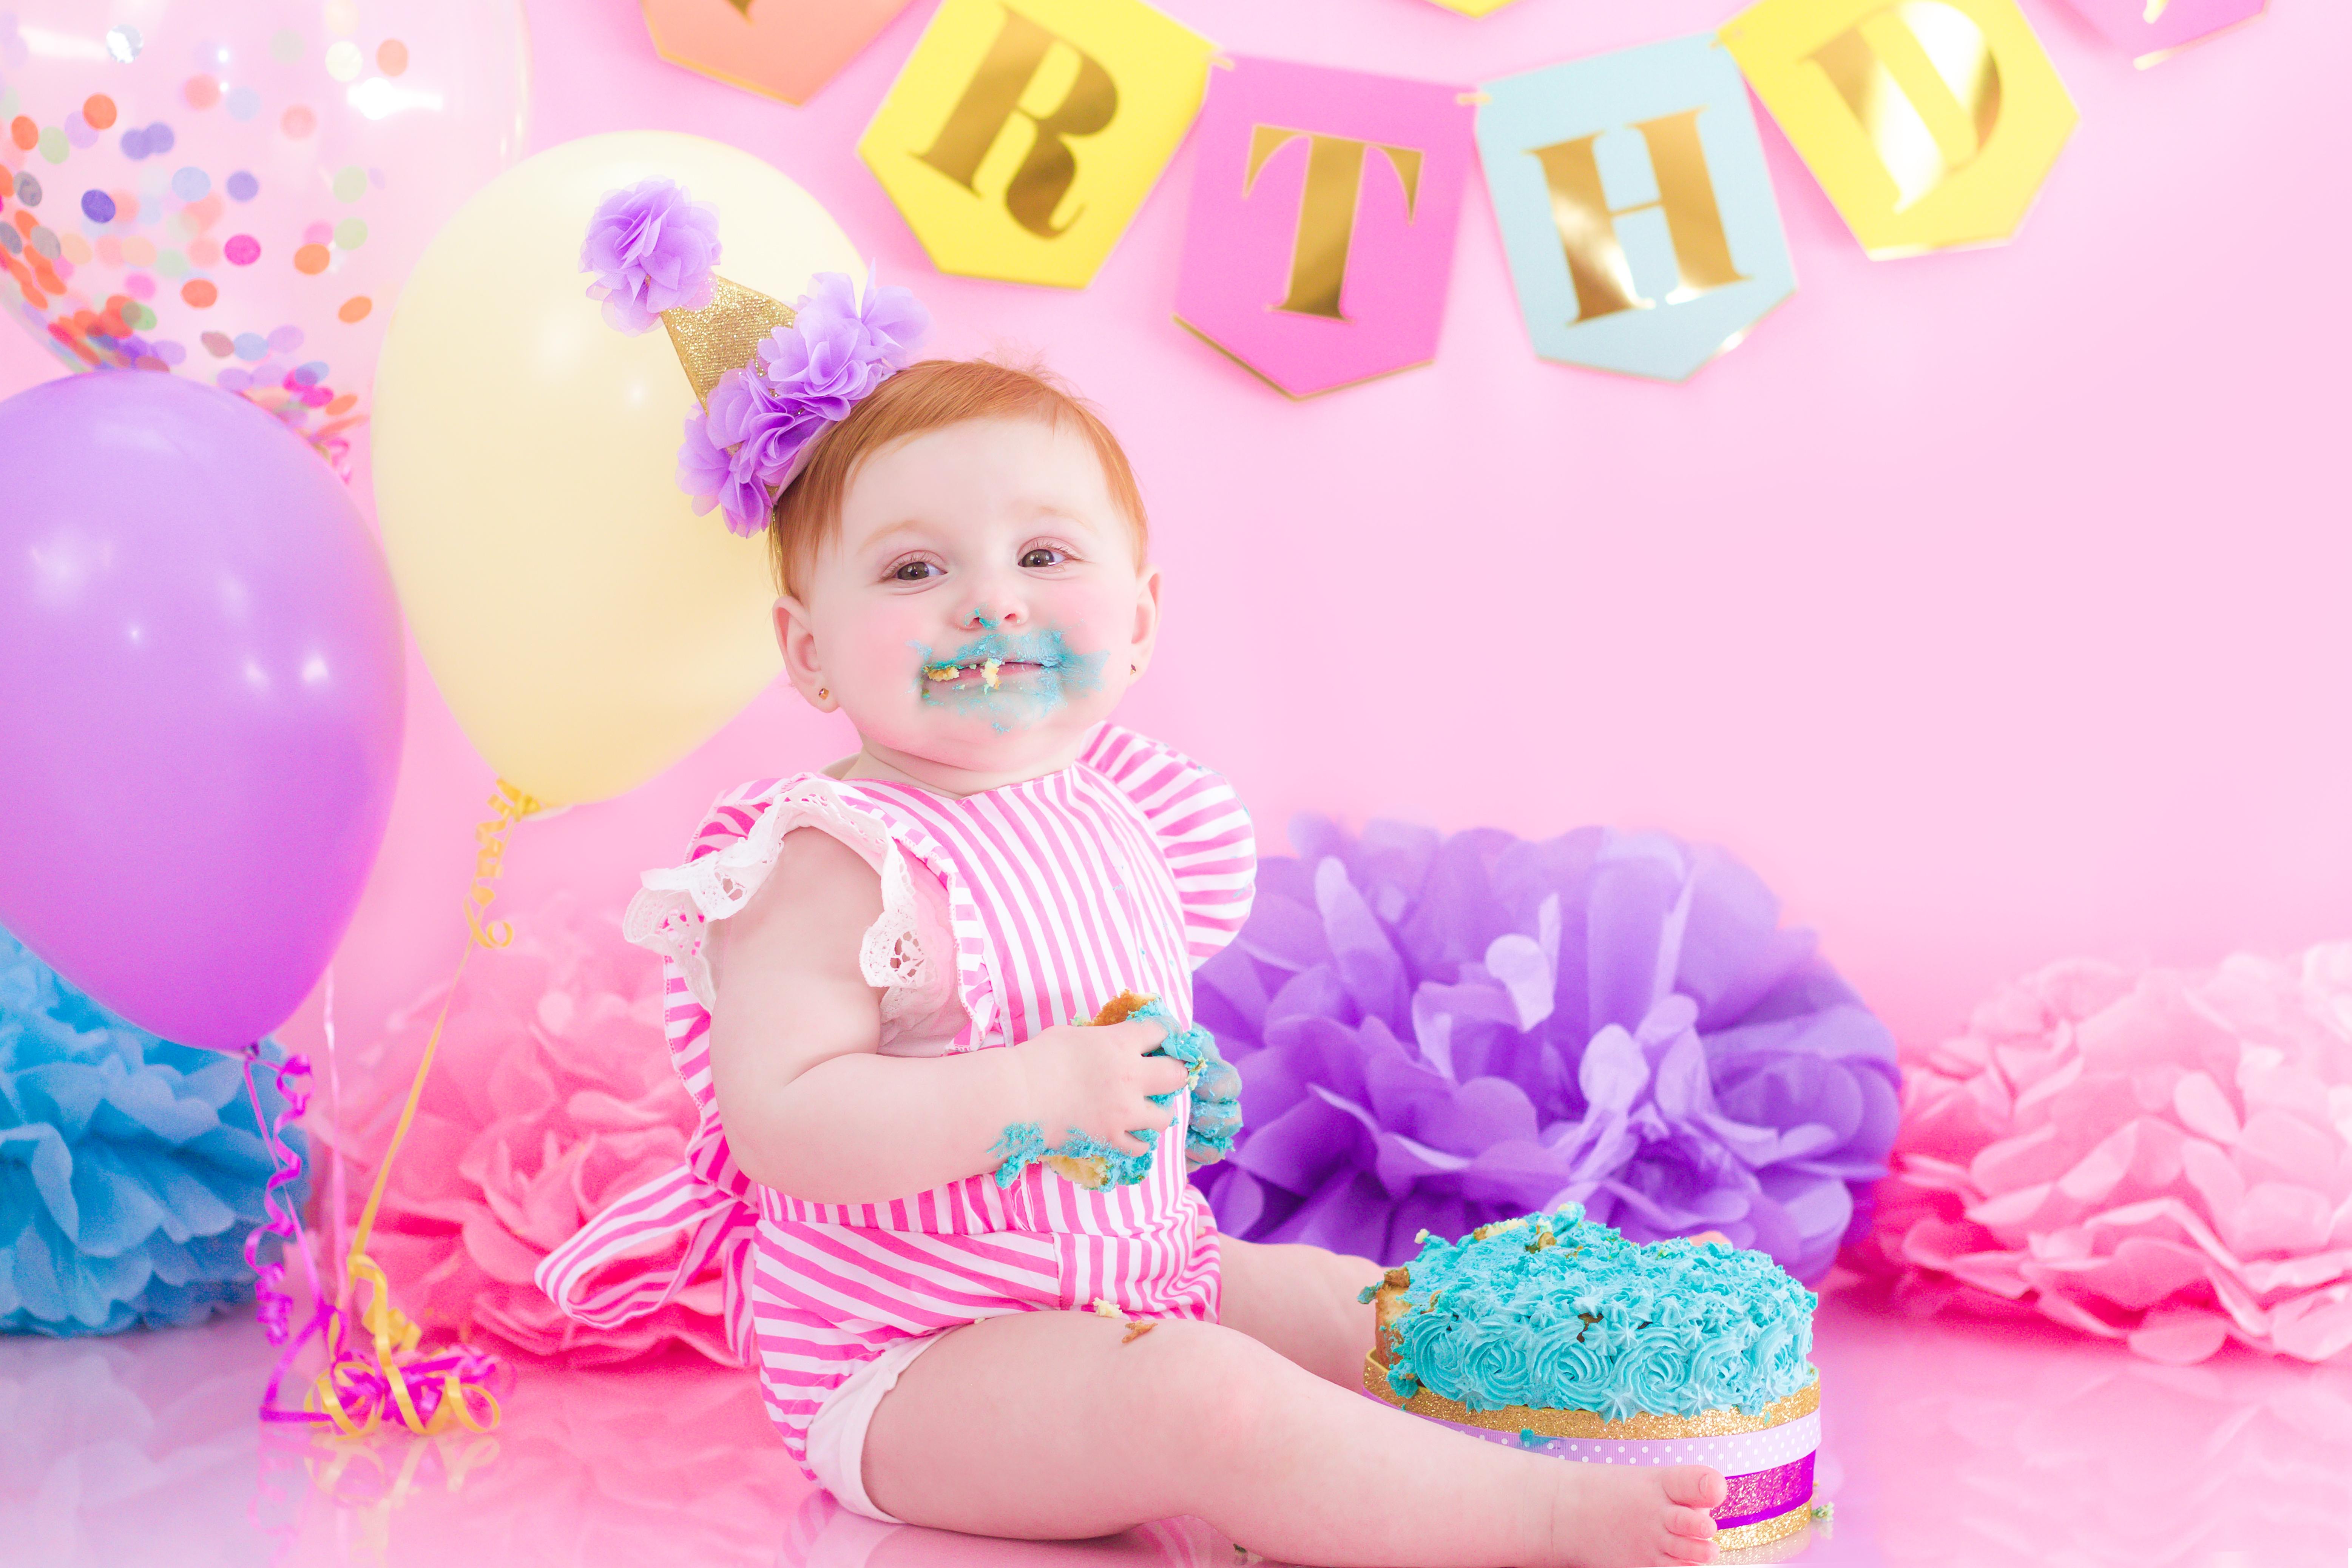 Iylah Cake Smash 9